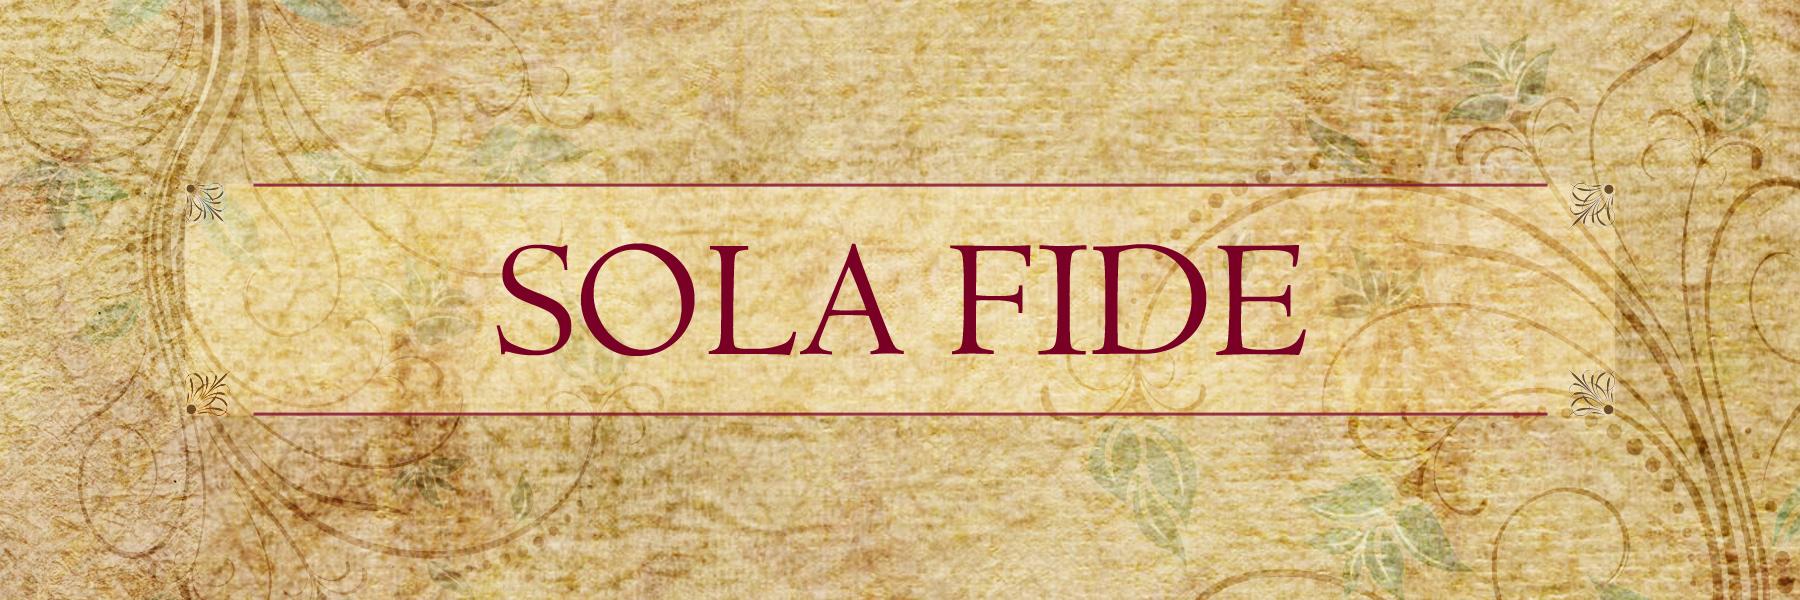 Sola Fide The Reformation   Queen of Games Oostende - de beste, leukste  bordspellen en kaartspellen kopen aan een eerlijke goedkope prijs.